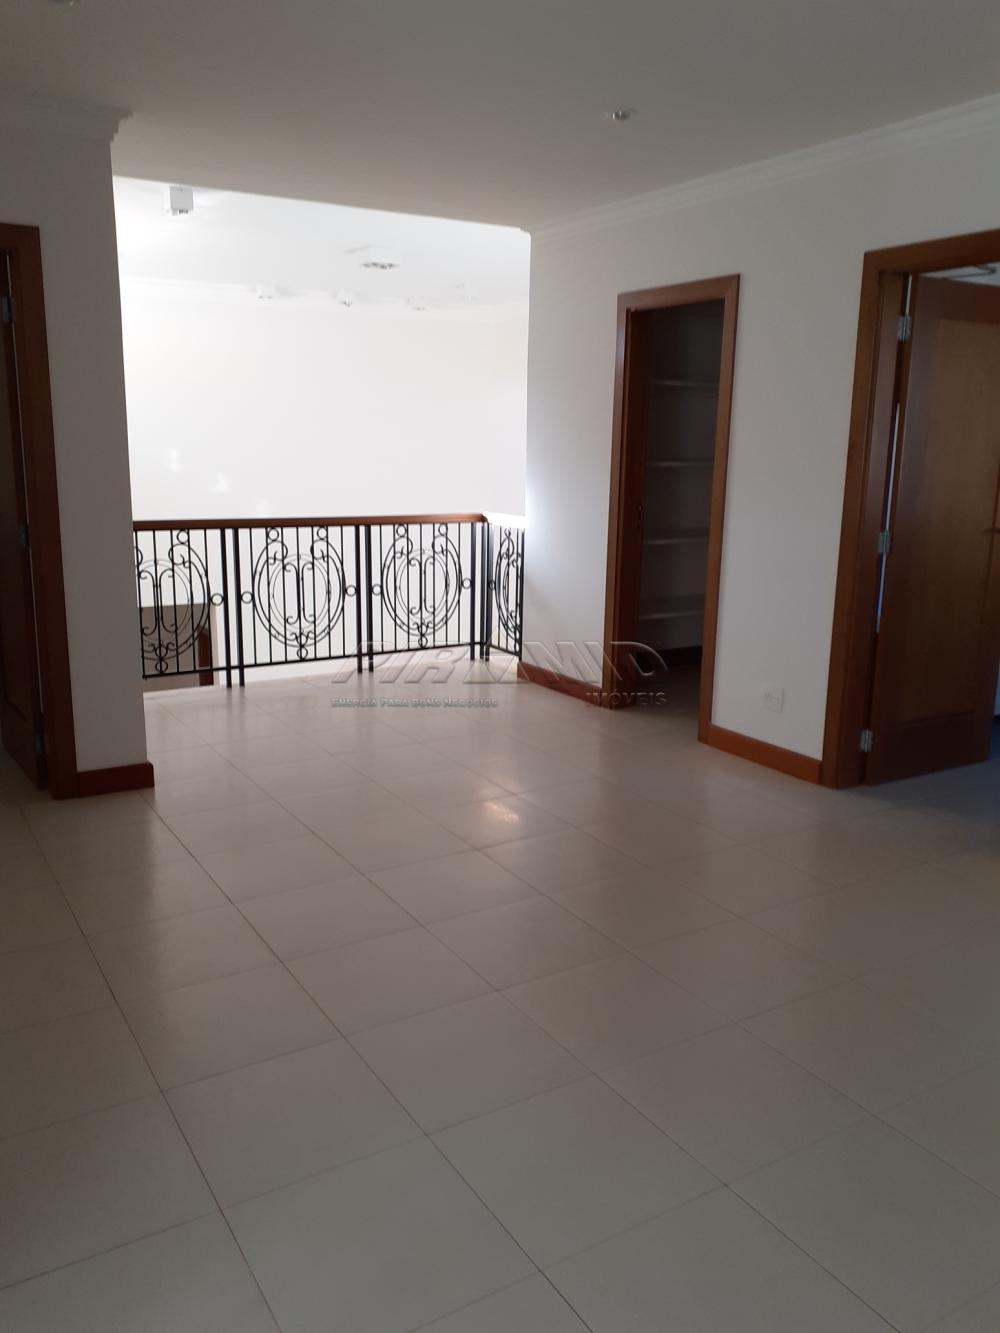 Comprar Casa / Condomínio em Ribeirão Preto apenas R$ 4.800.000,00 - Foto 24